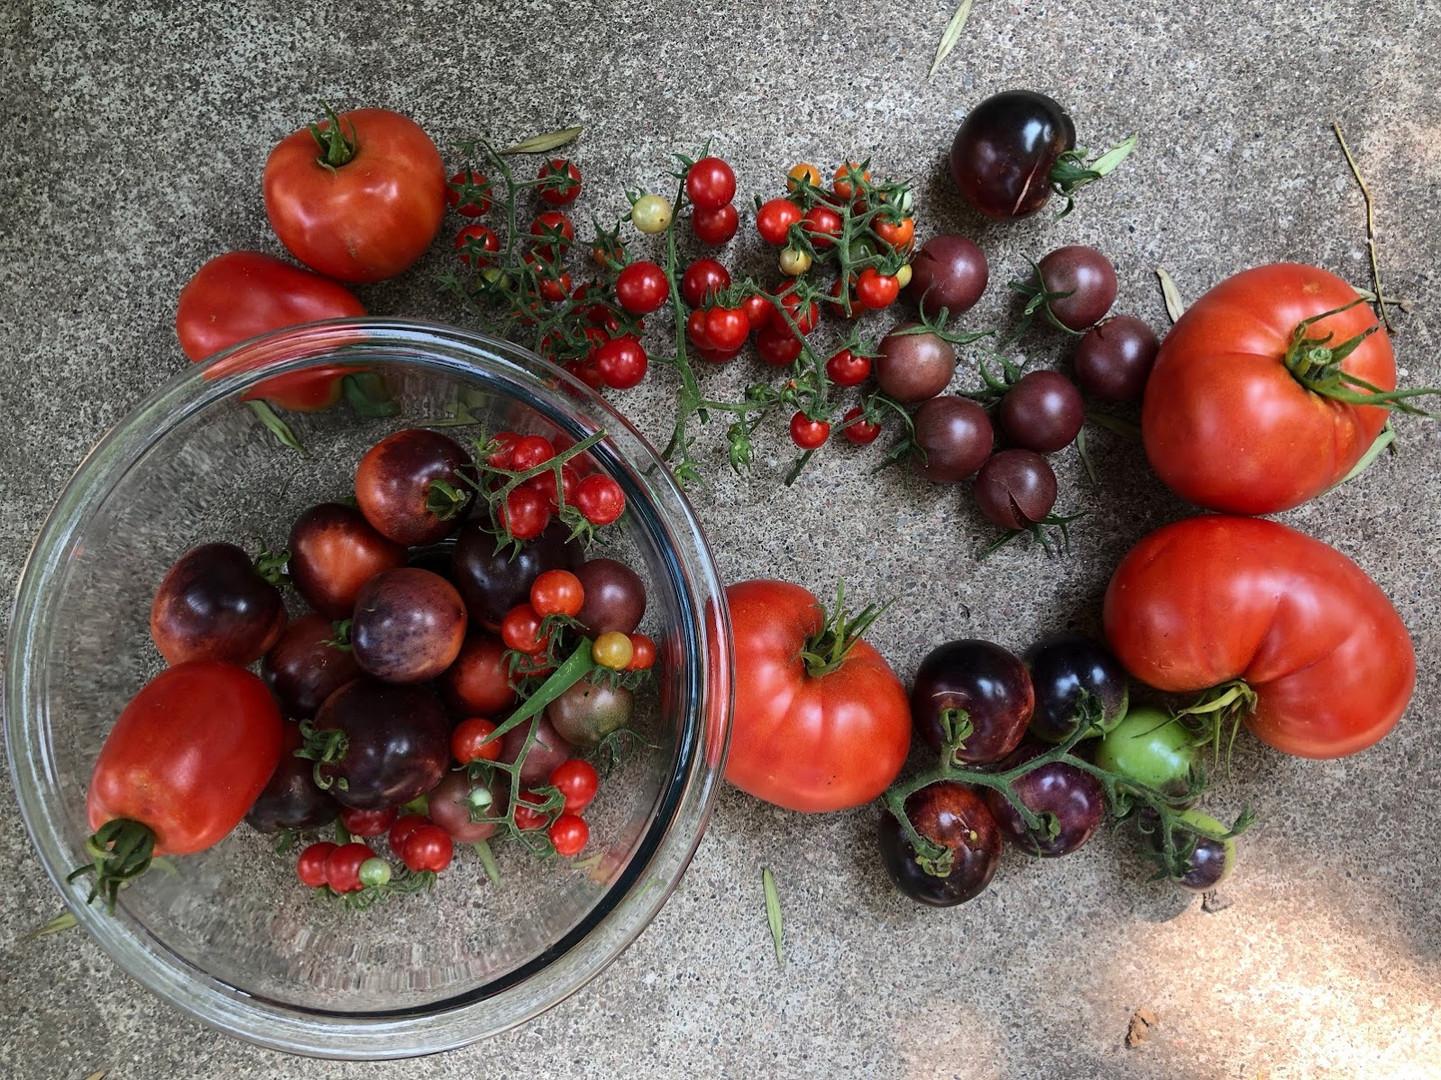 tomato harvest edible garden harvest